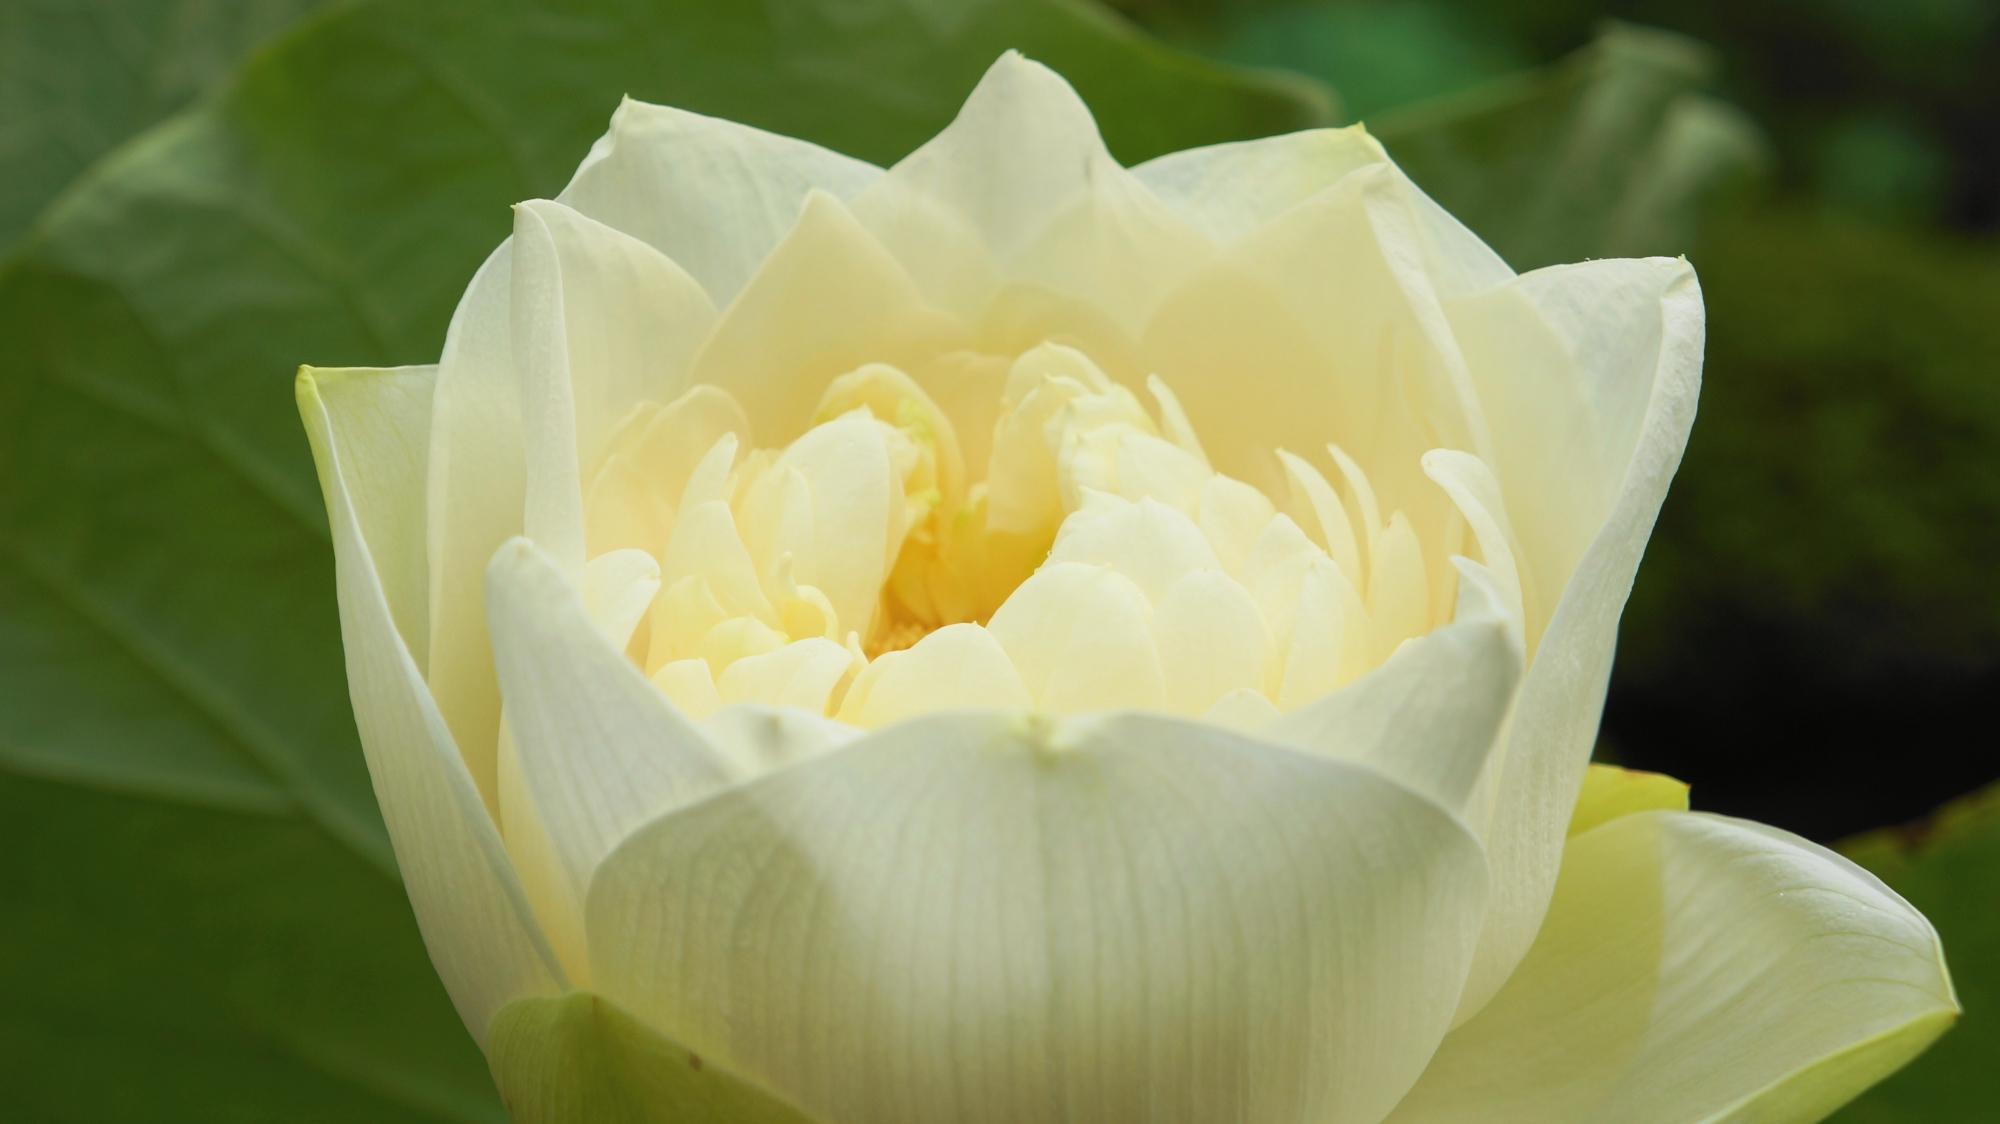 ややクリーム色がかったバラの花みたいな白い蓮の花